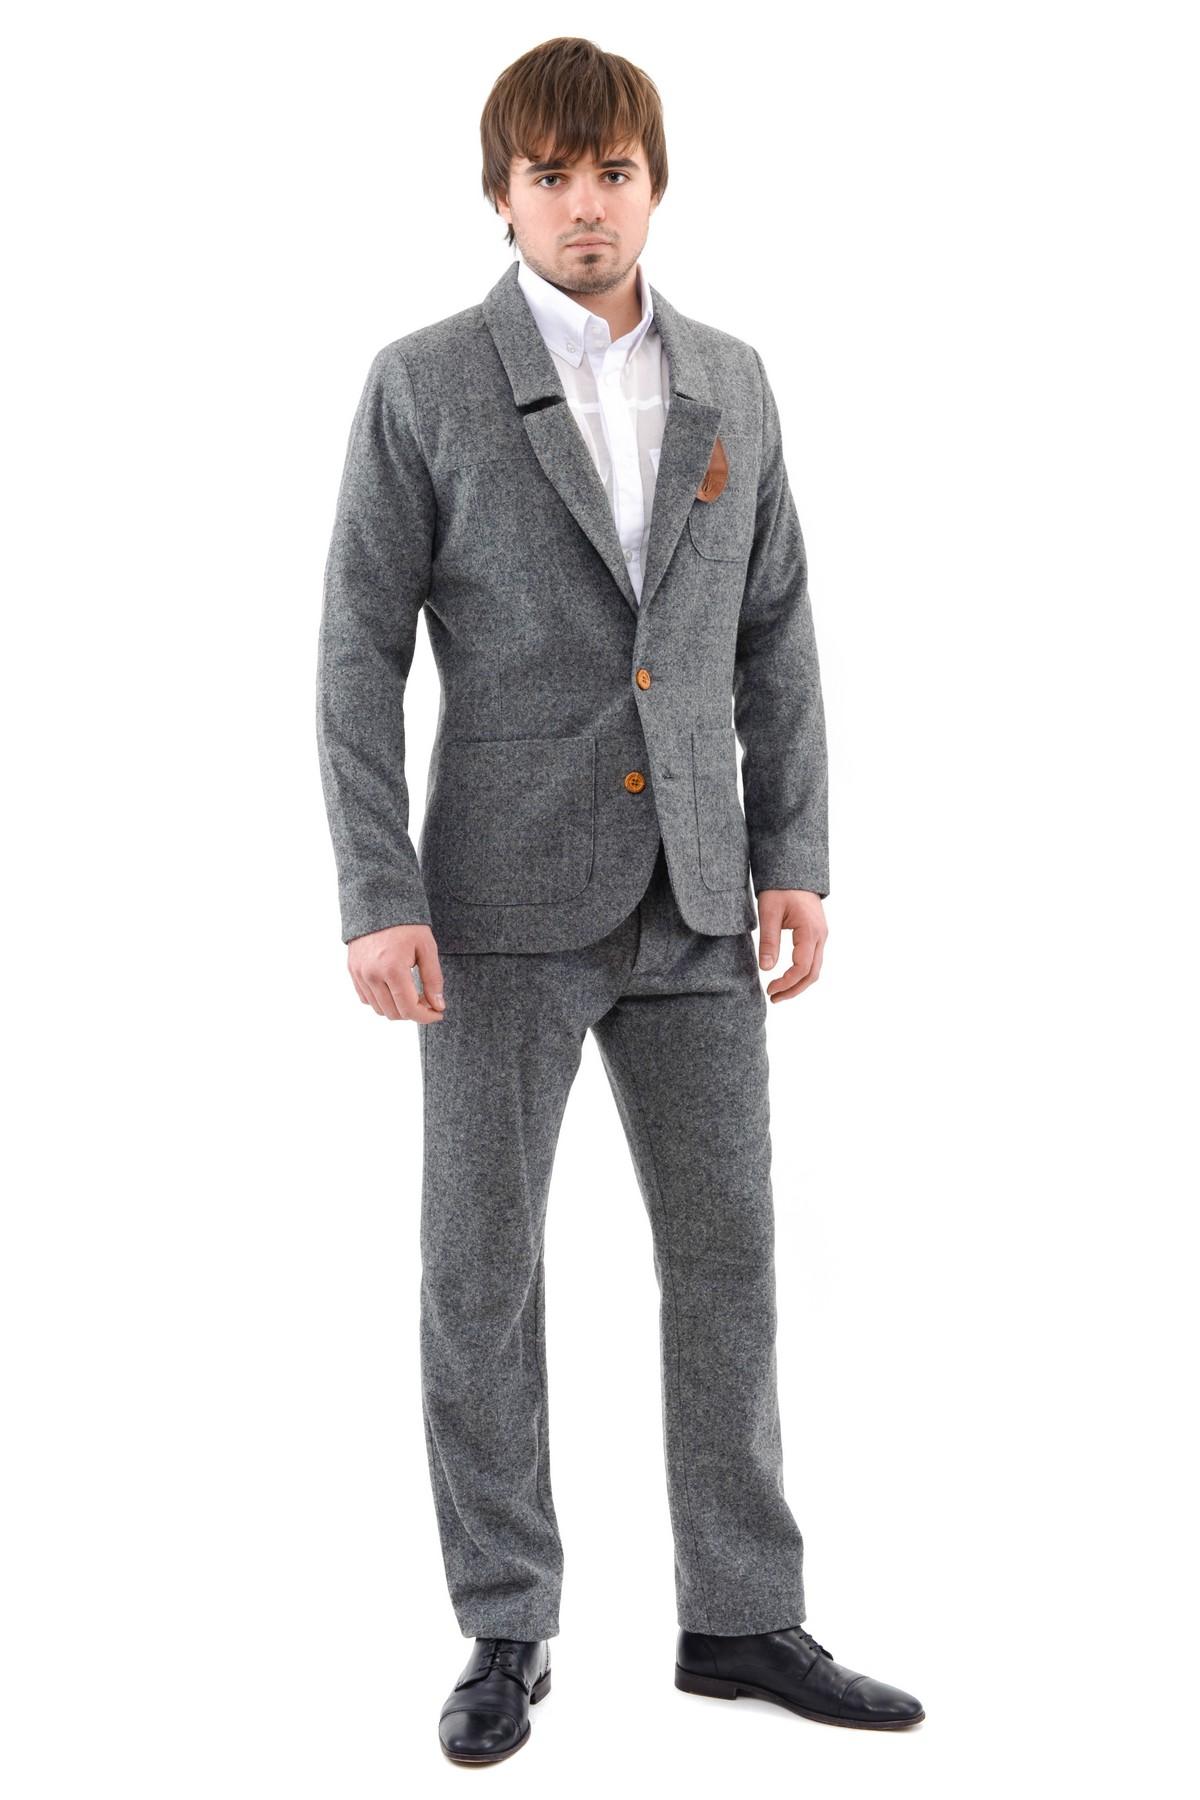 ПиджакПиджаки, жилеты<br>Модный, экстравагантный представитель сильного пола выбирает качественный, стильный пиджак с отложным воротником, застежкой на пуговицы. Изделие выполнено в приятной расцветке, отлично сочетающейся с джинсами и брюками.<br><br>Цвет: серый<br>Состав: 80% шерсть, 20% полиэстер, подкладка 100% полиэстер<br>Размер: 54,56,58<br>Страна дизайна: Россия<br>Страна производства: Россия